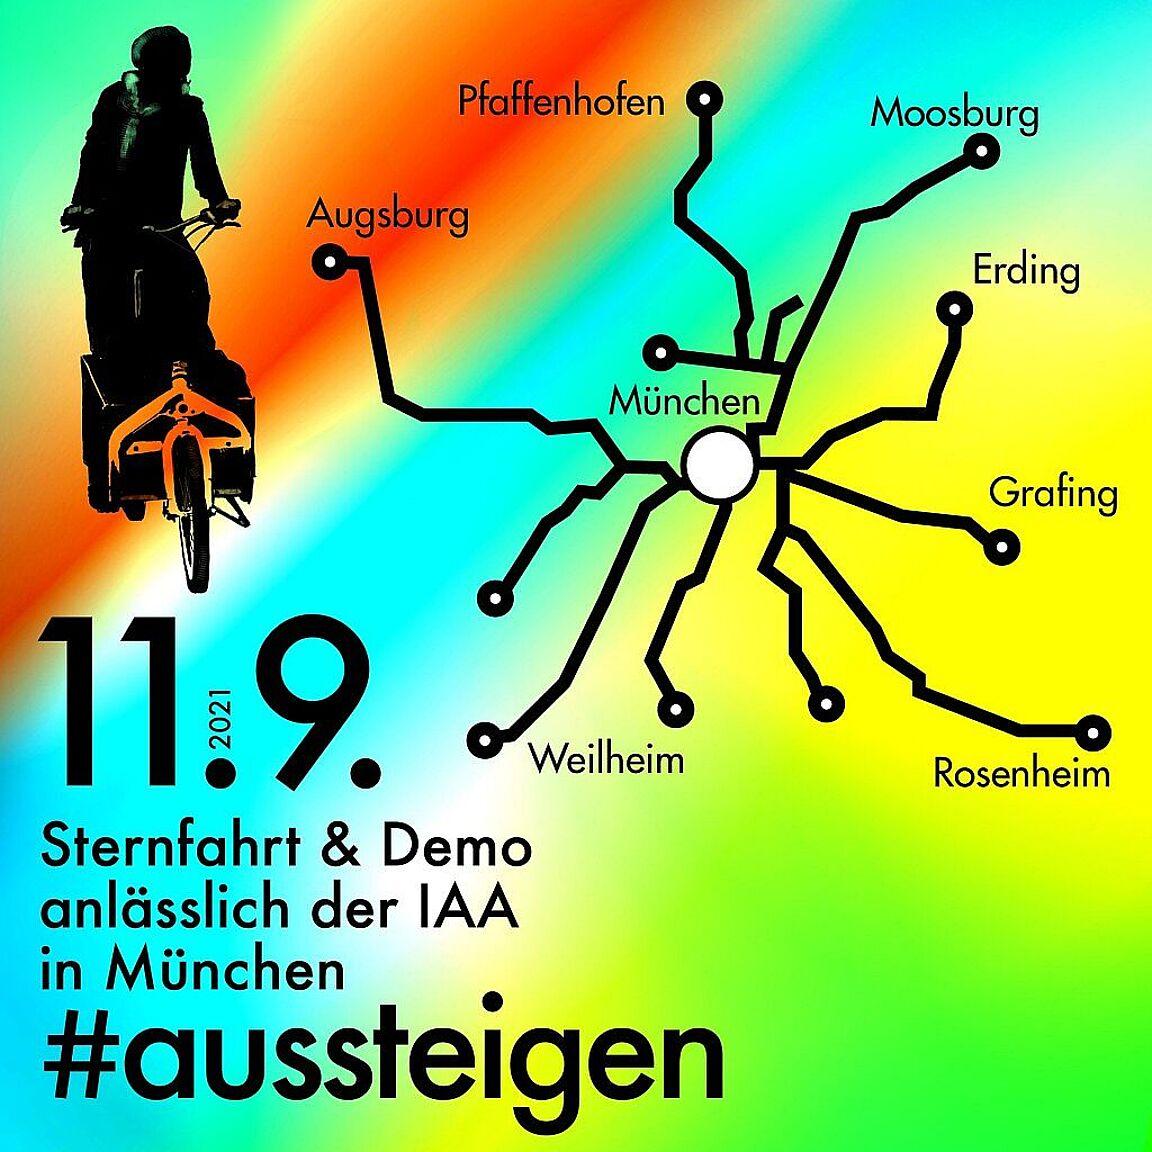 #Aussteigen – Klimaschutz statt Autolobby: Radsternfahrt am Samstag, den 11.09.2021